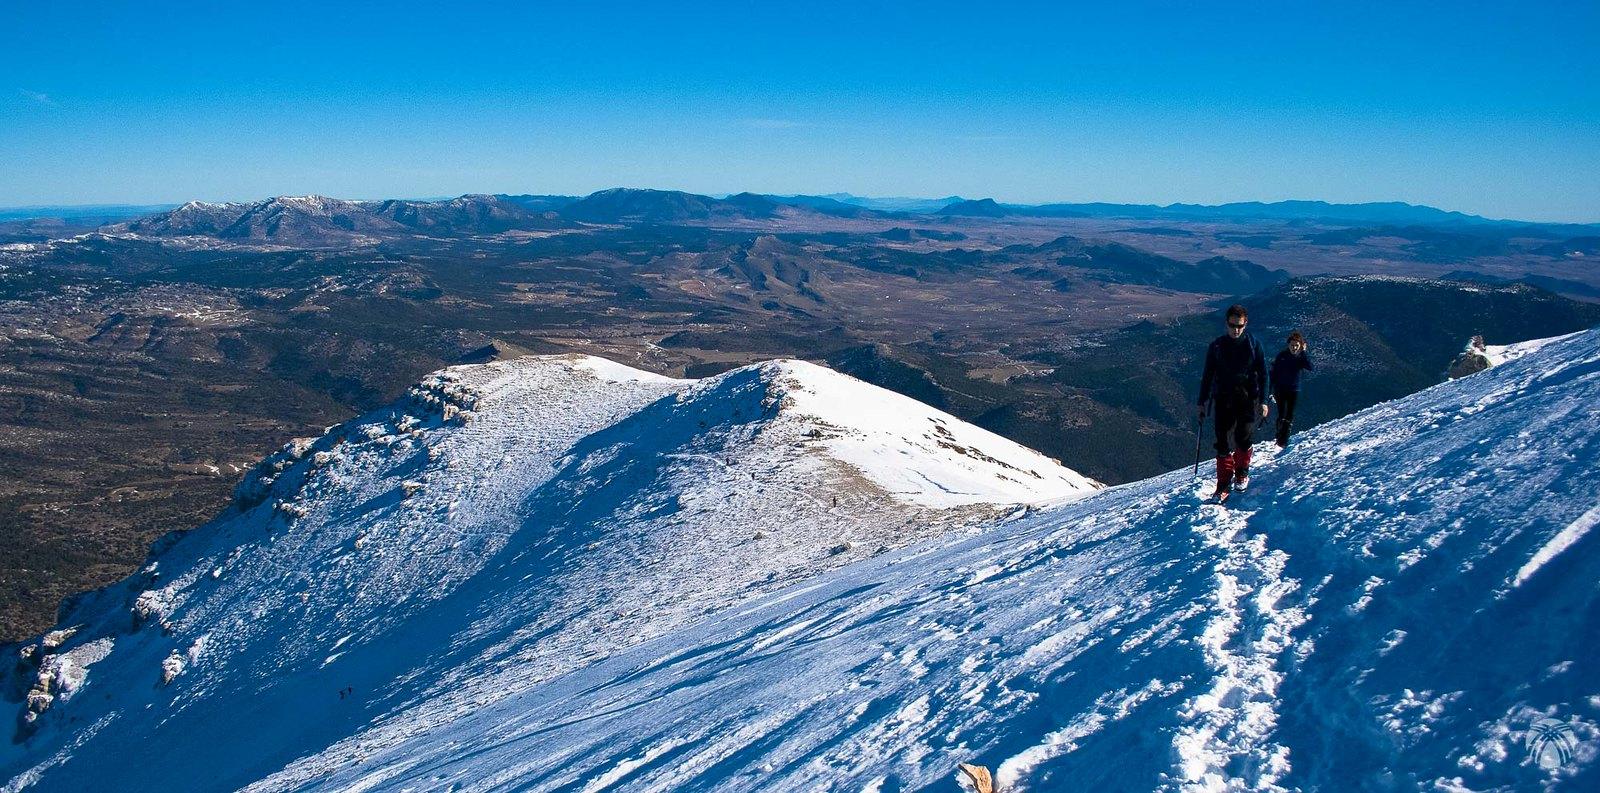 Otros montañeros que alcanzan la cumbre